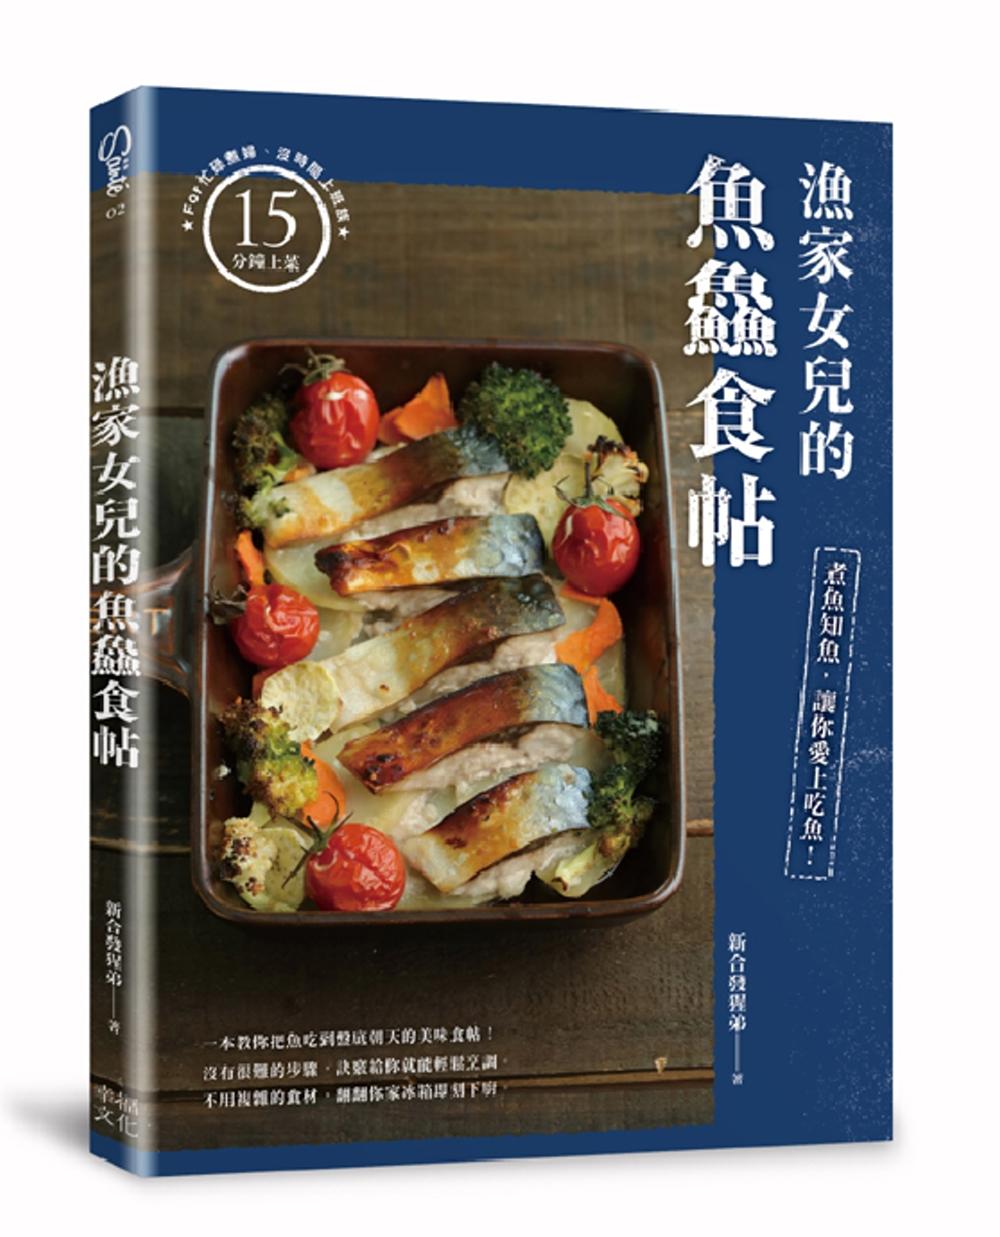 ◤博客來BOOKS◢ 暢銷書榜《推薦》漁家女兒的魚鱻食帖:煮魚知魚,讓你愛上吃魚!